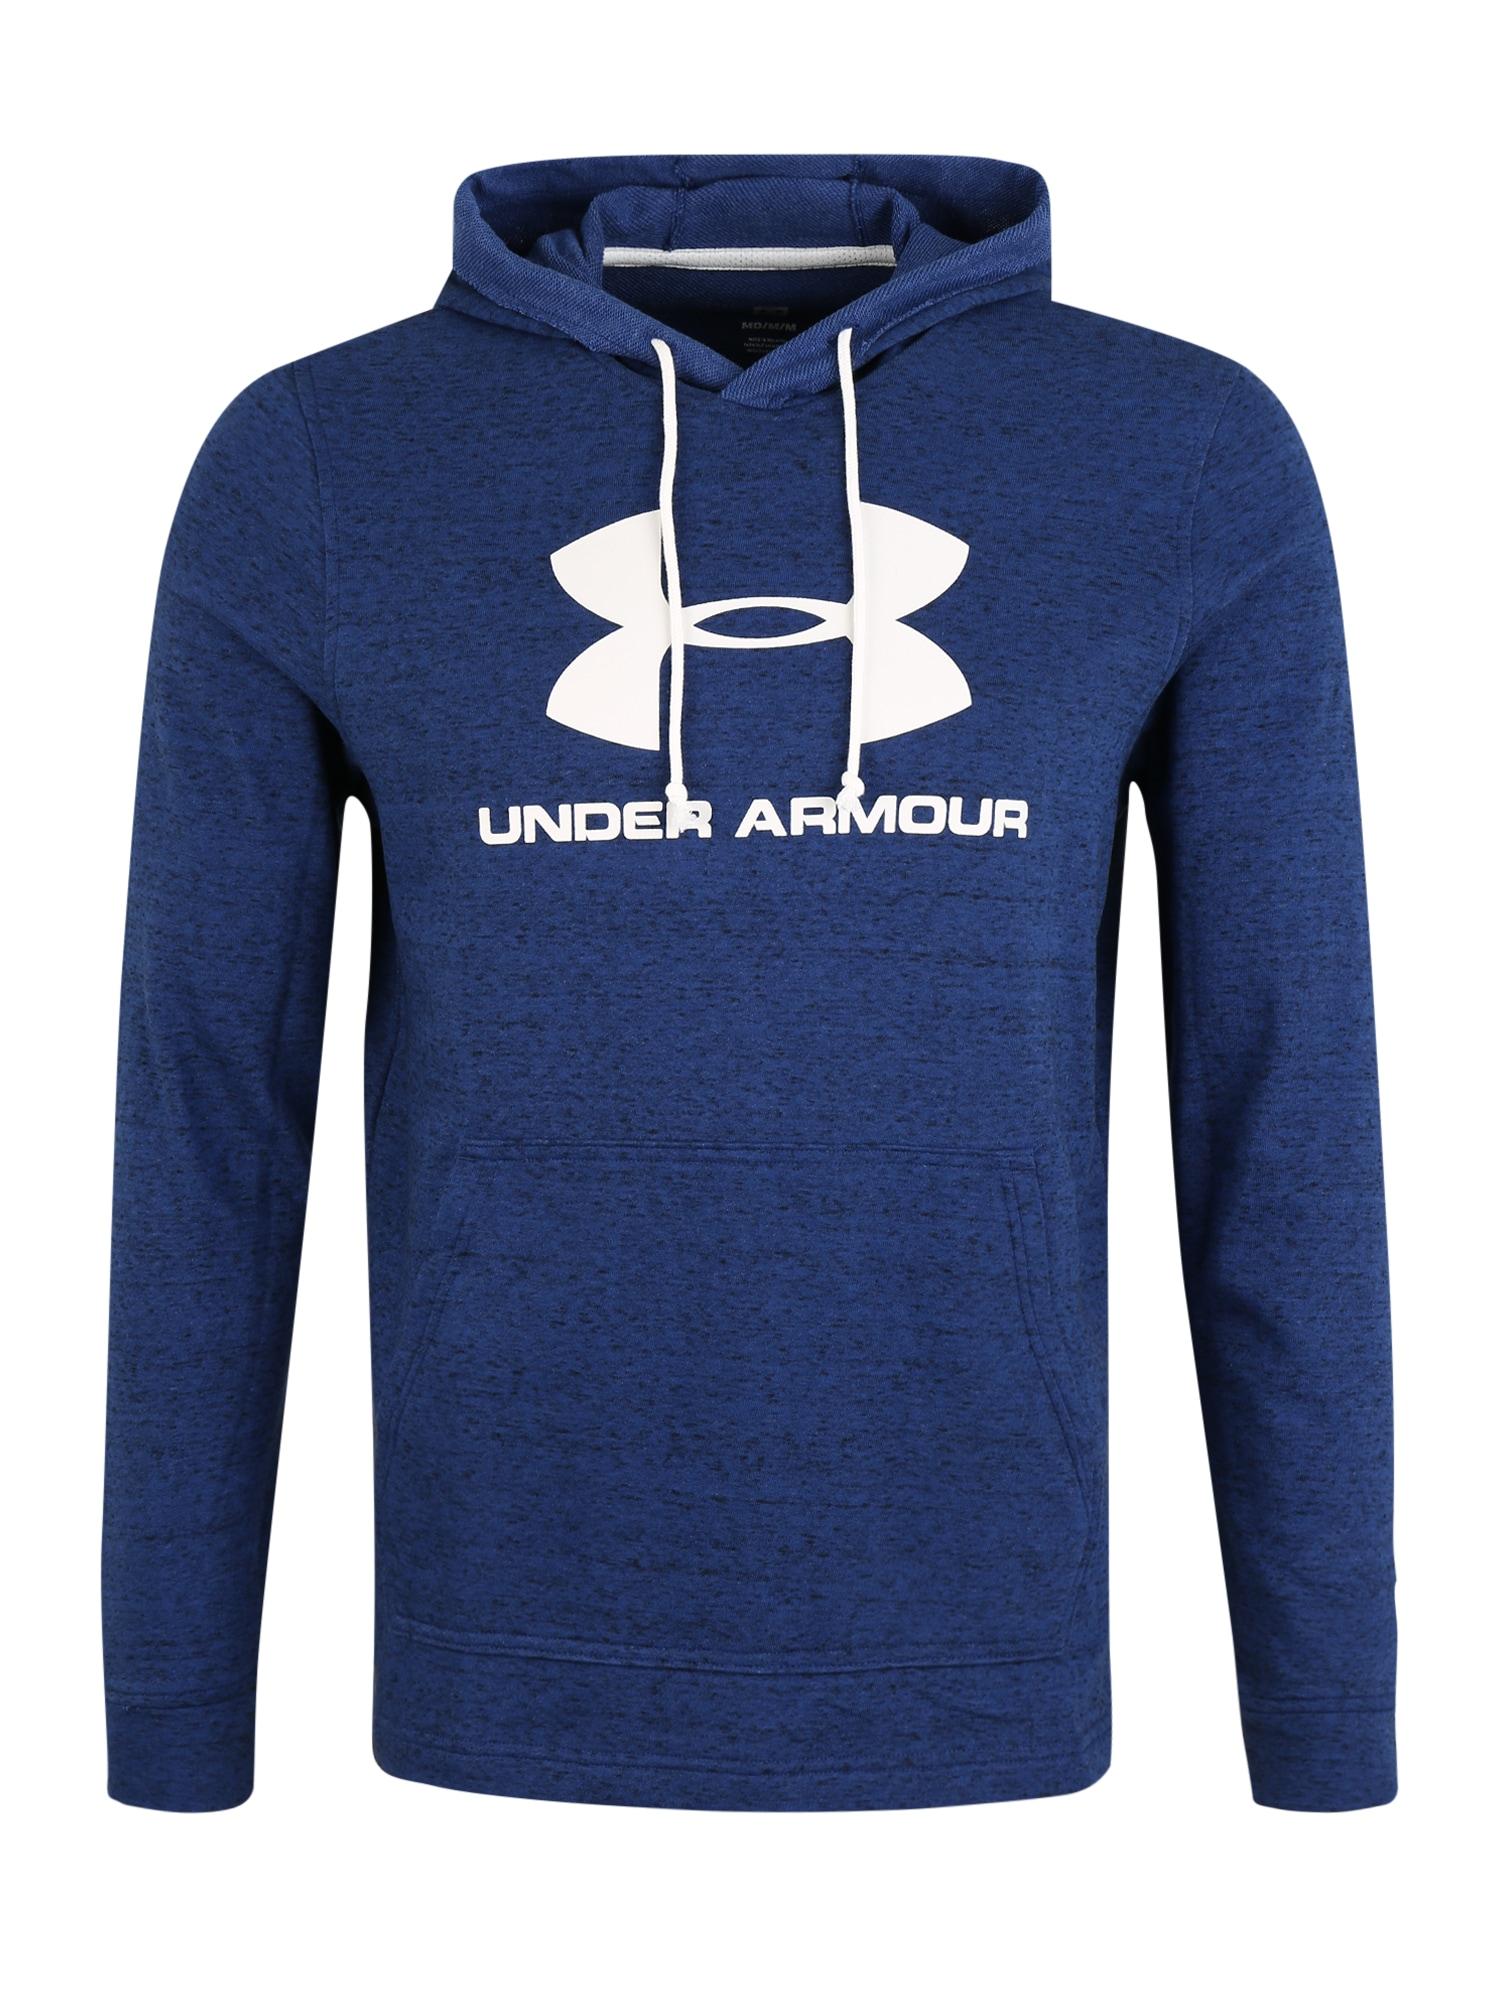 UNDER ARMOUR Sportinio tipo megztinis balta / mėlyna